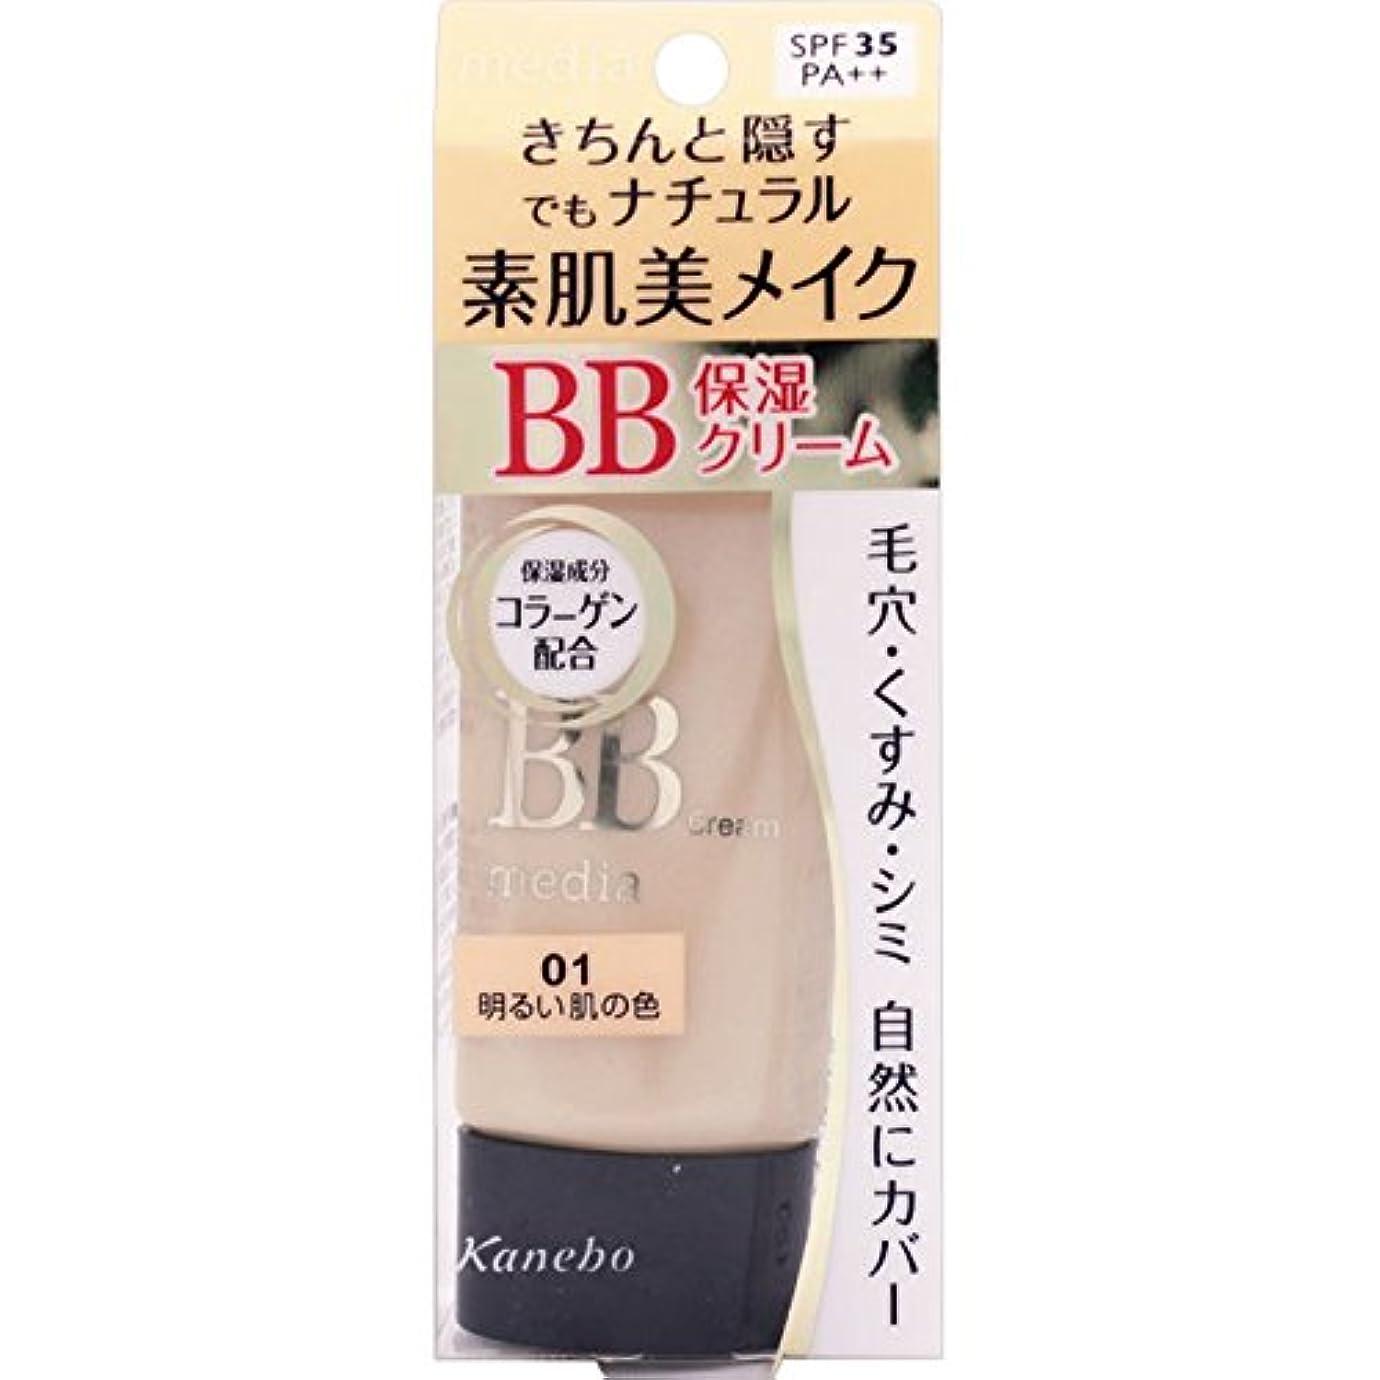 公演メモ最悪カネボウ メディア BBクリームN 01 SPF35?PA++